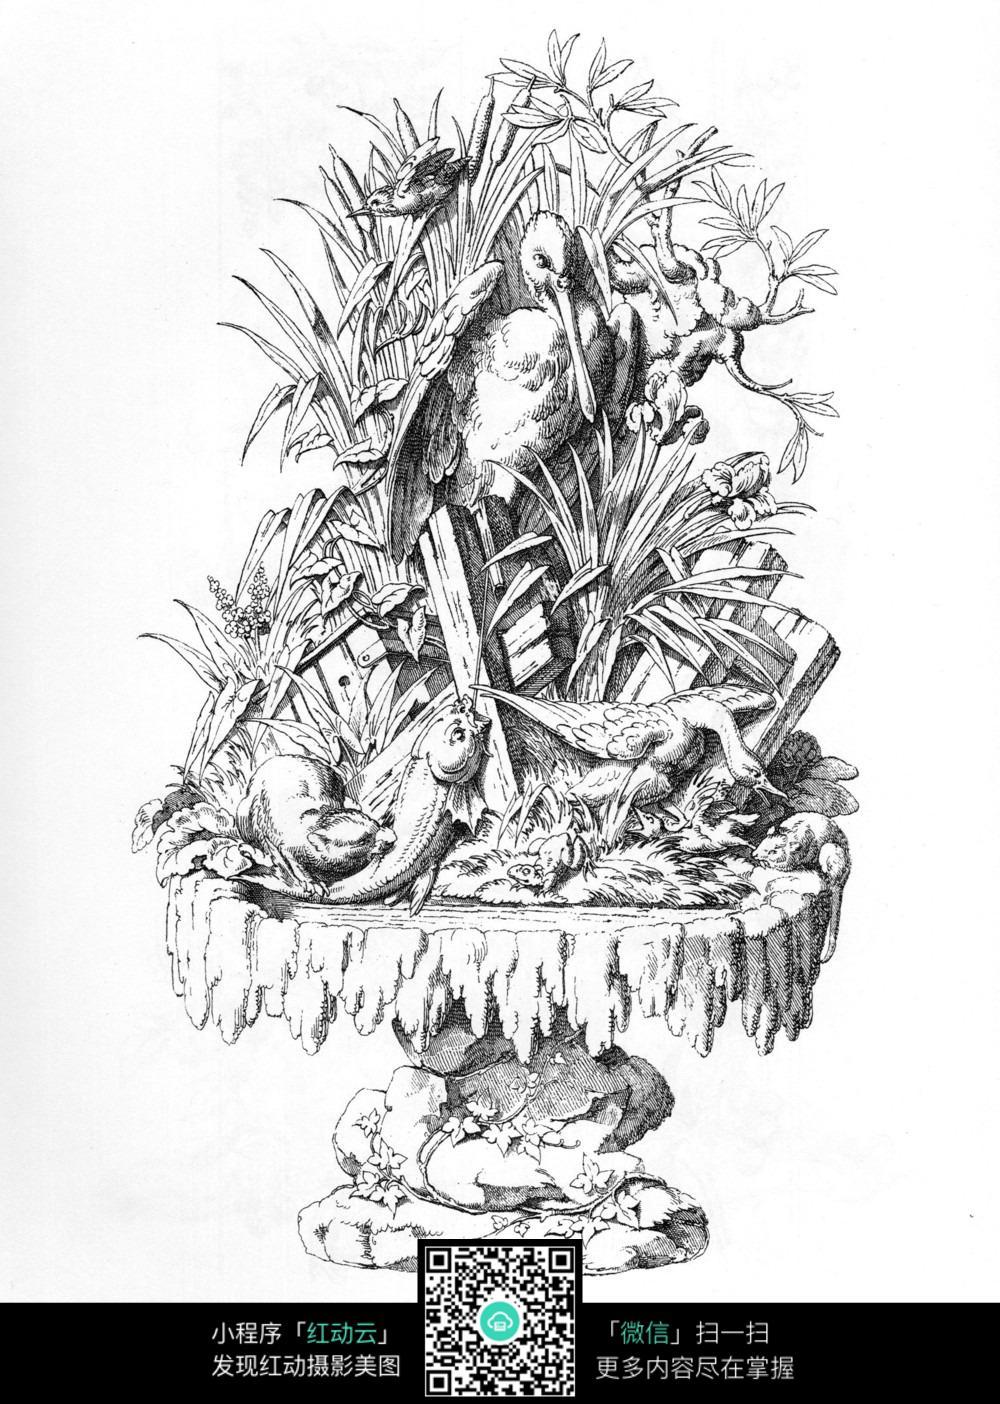 水鸟植物装饰图案素材